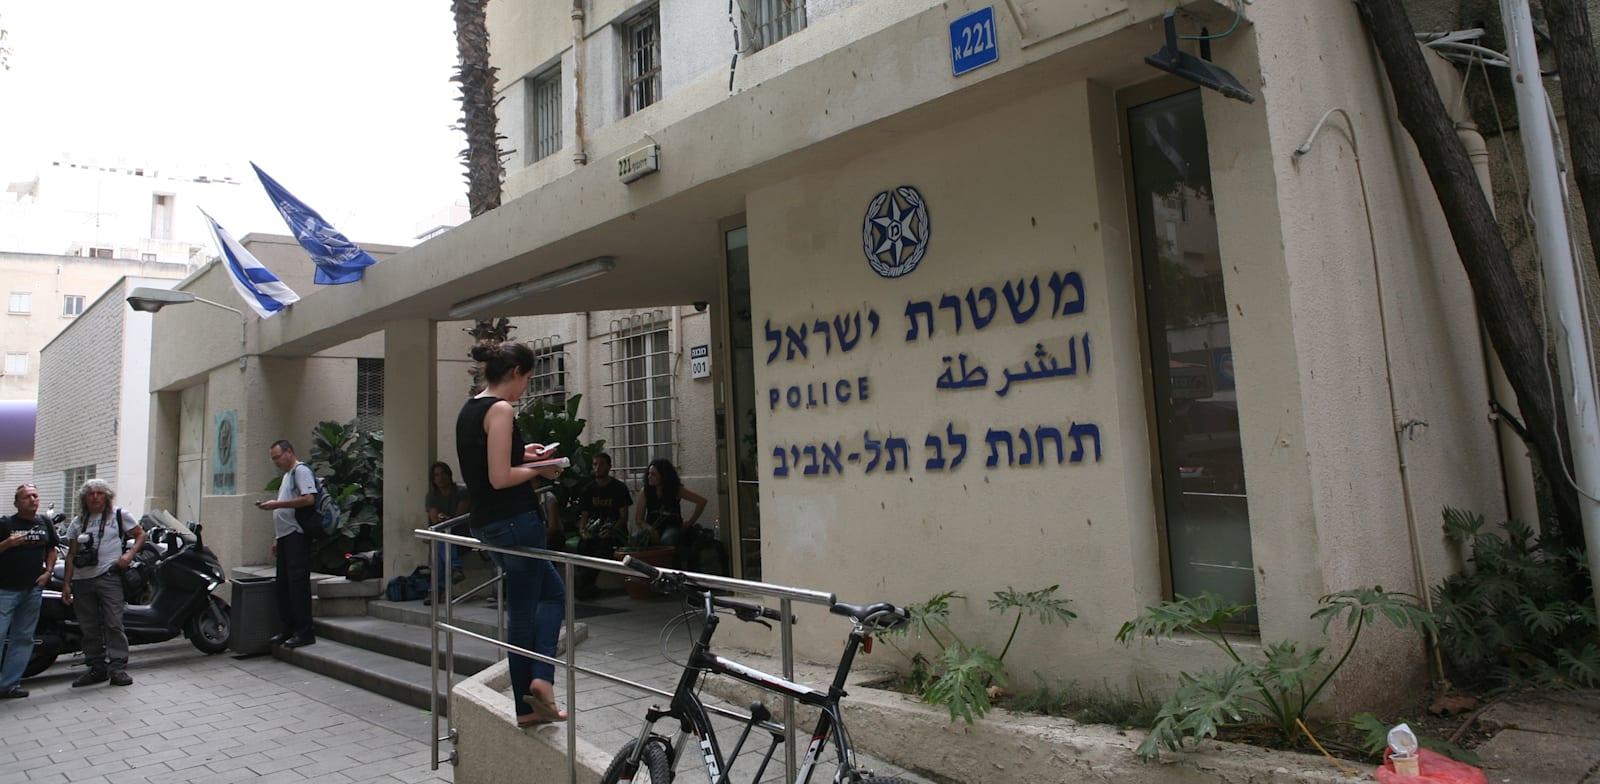 משטרת ישראל / צילום: עינת לברון